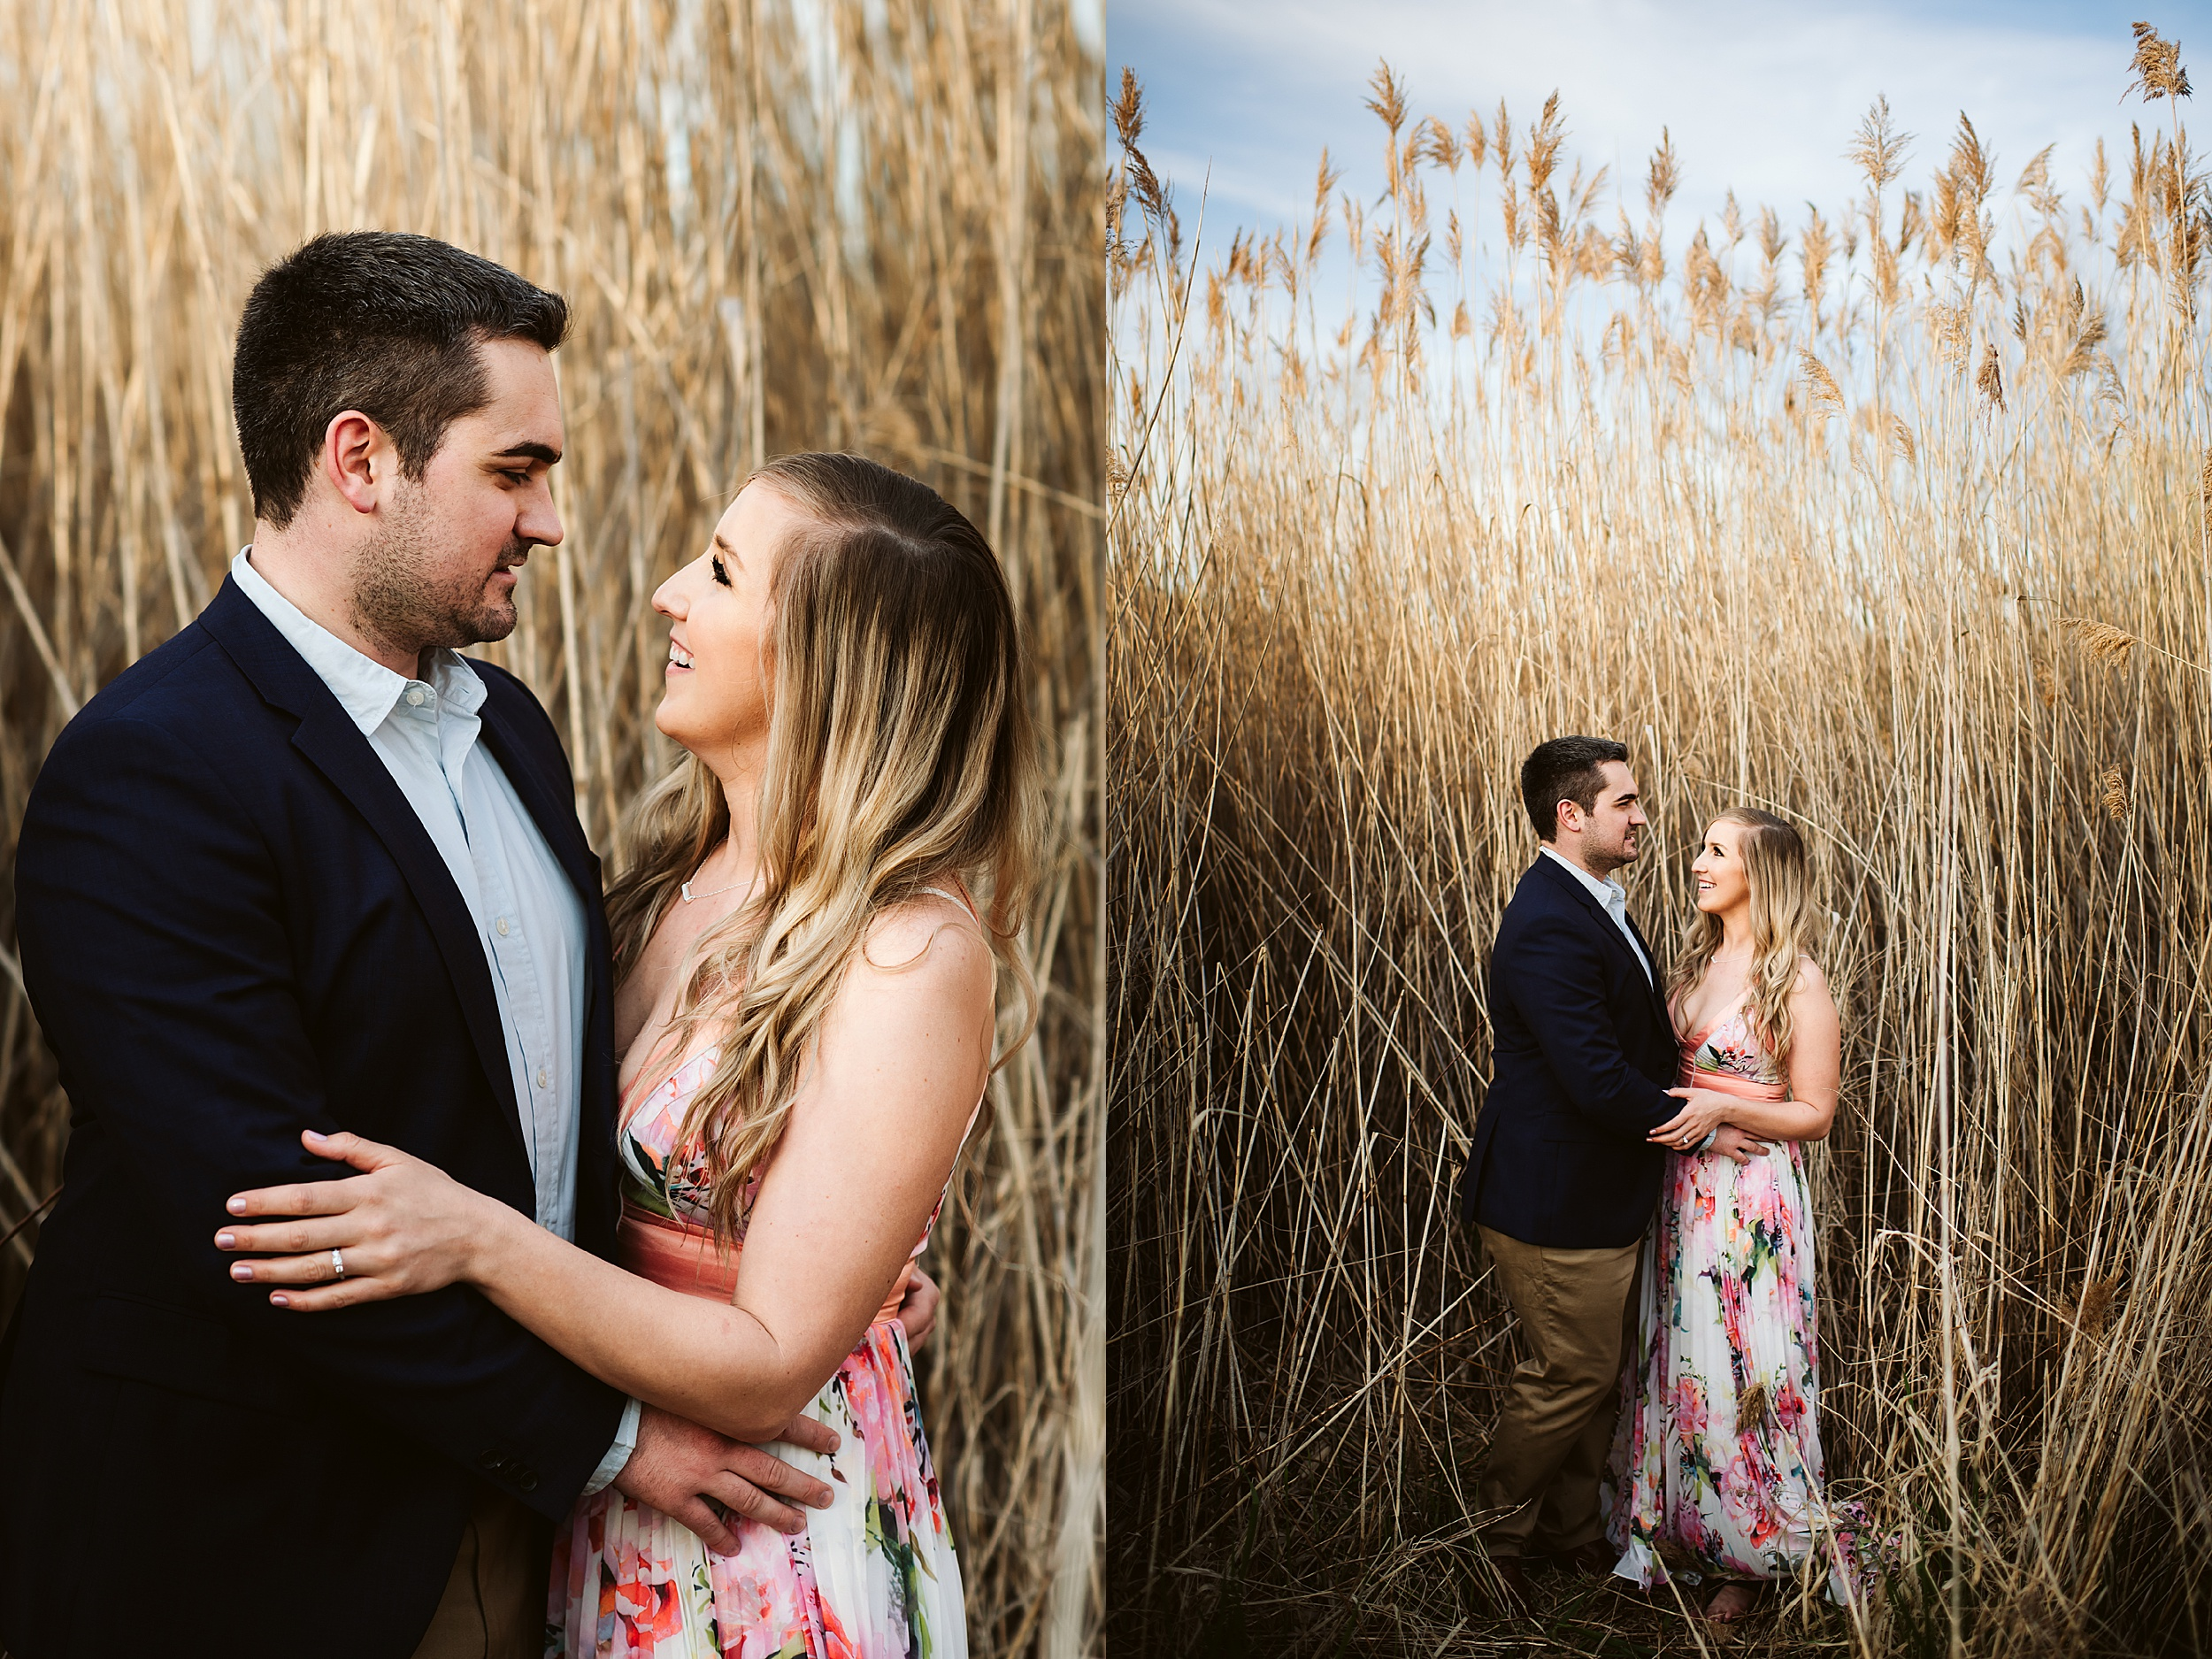 Toronto_Wedding_Photographers_Humber_Bay_Engagement_Shoot_Etobicoke_0004.jpg